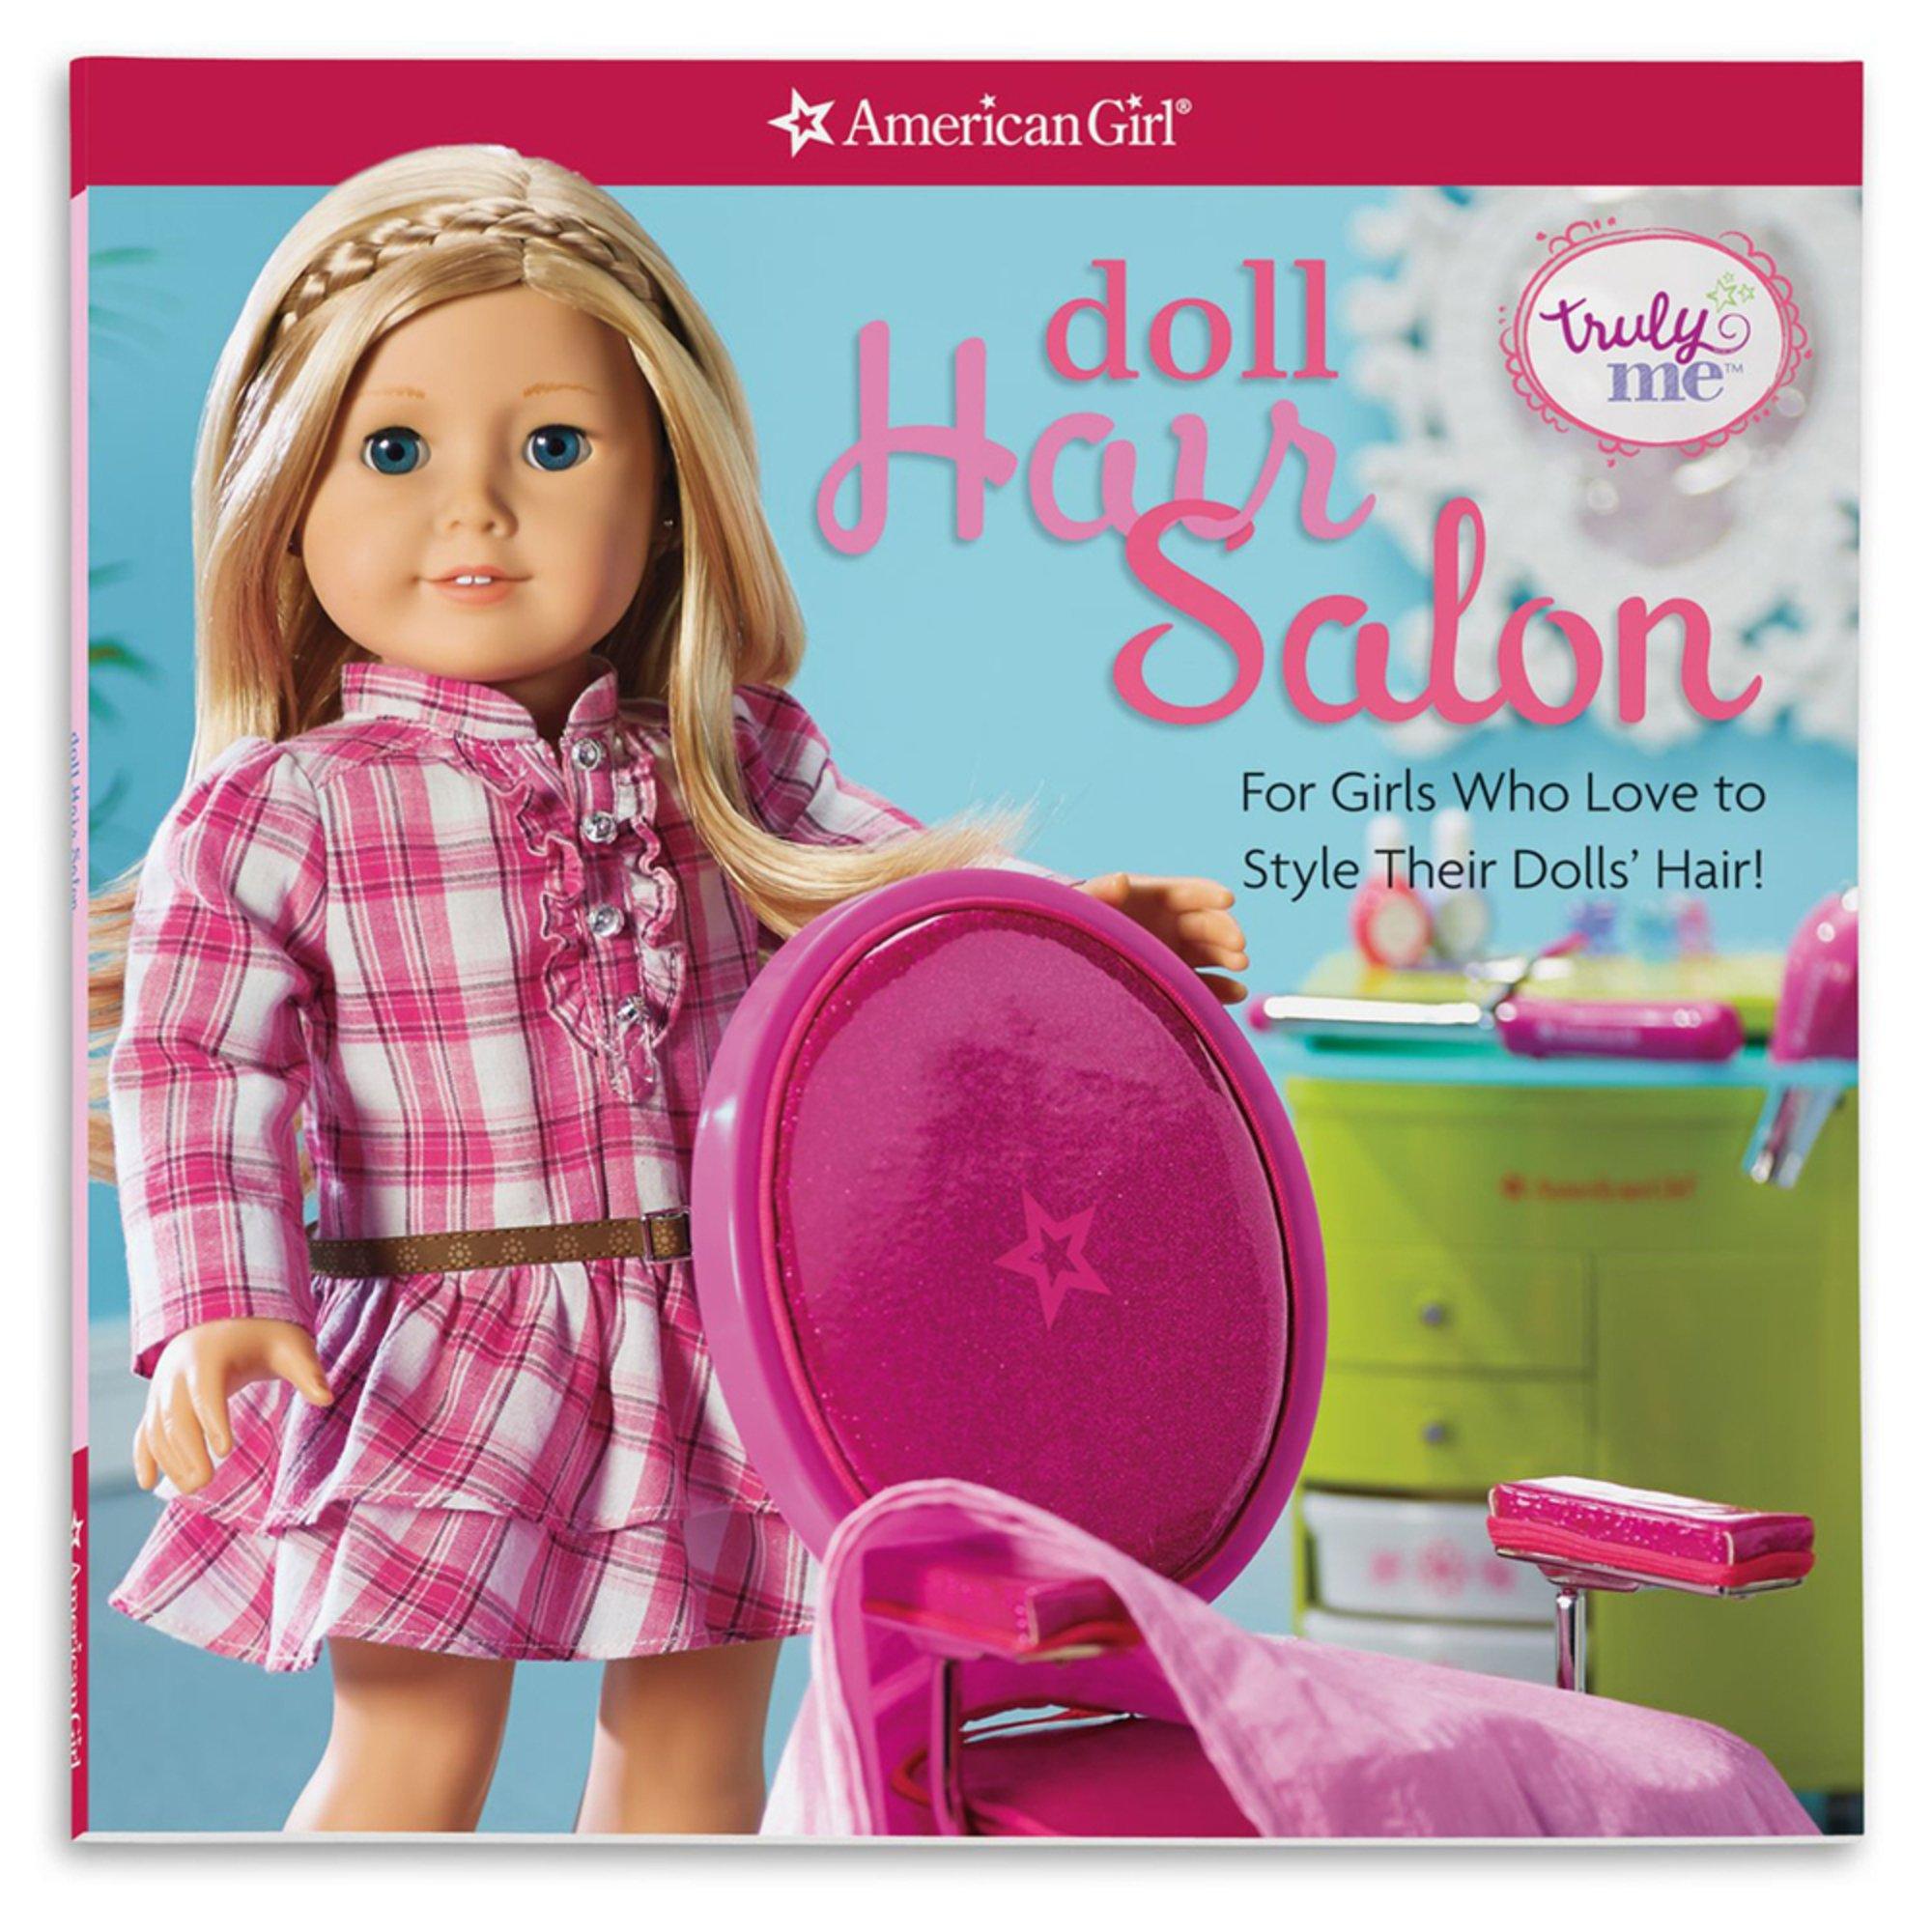 Toy Hair Salon : American girl truly me doll hair salon activity book